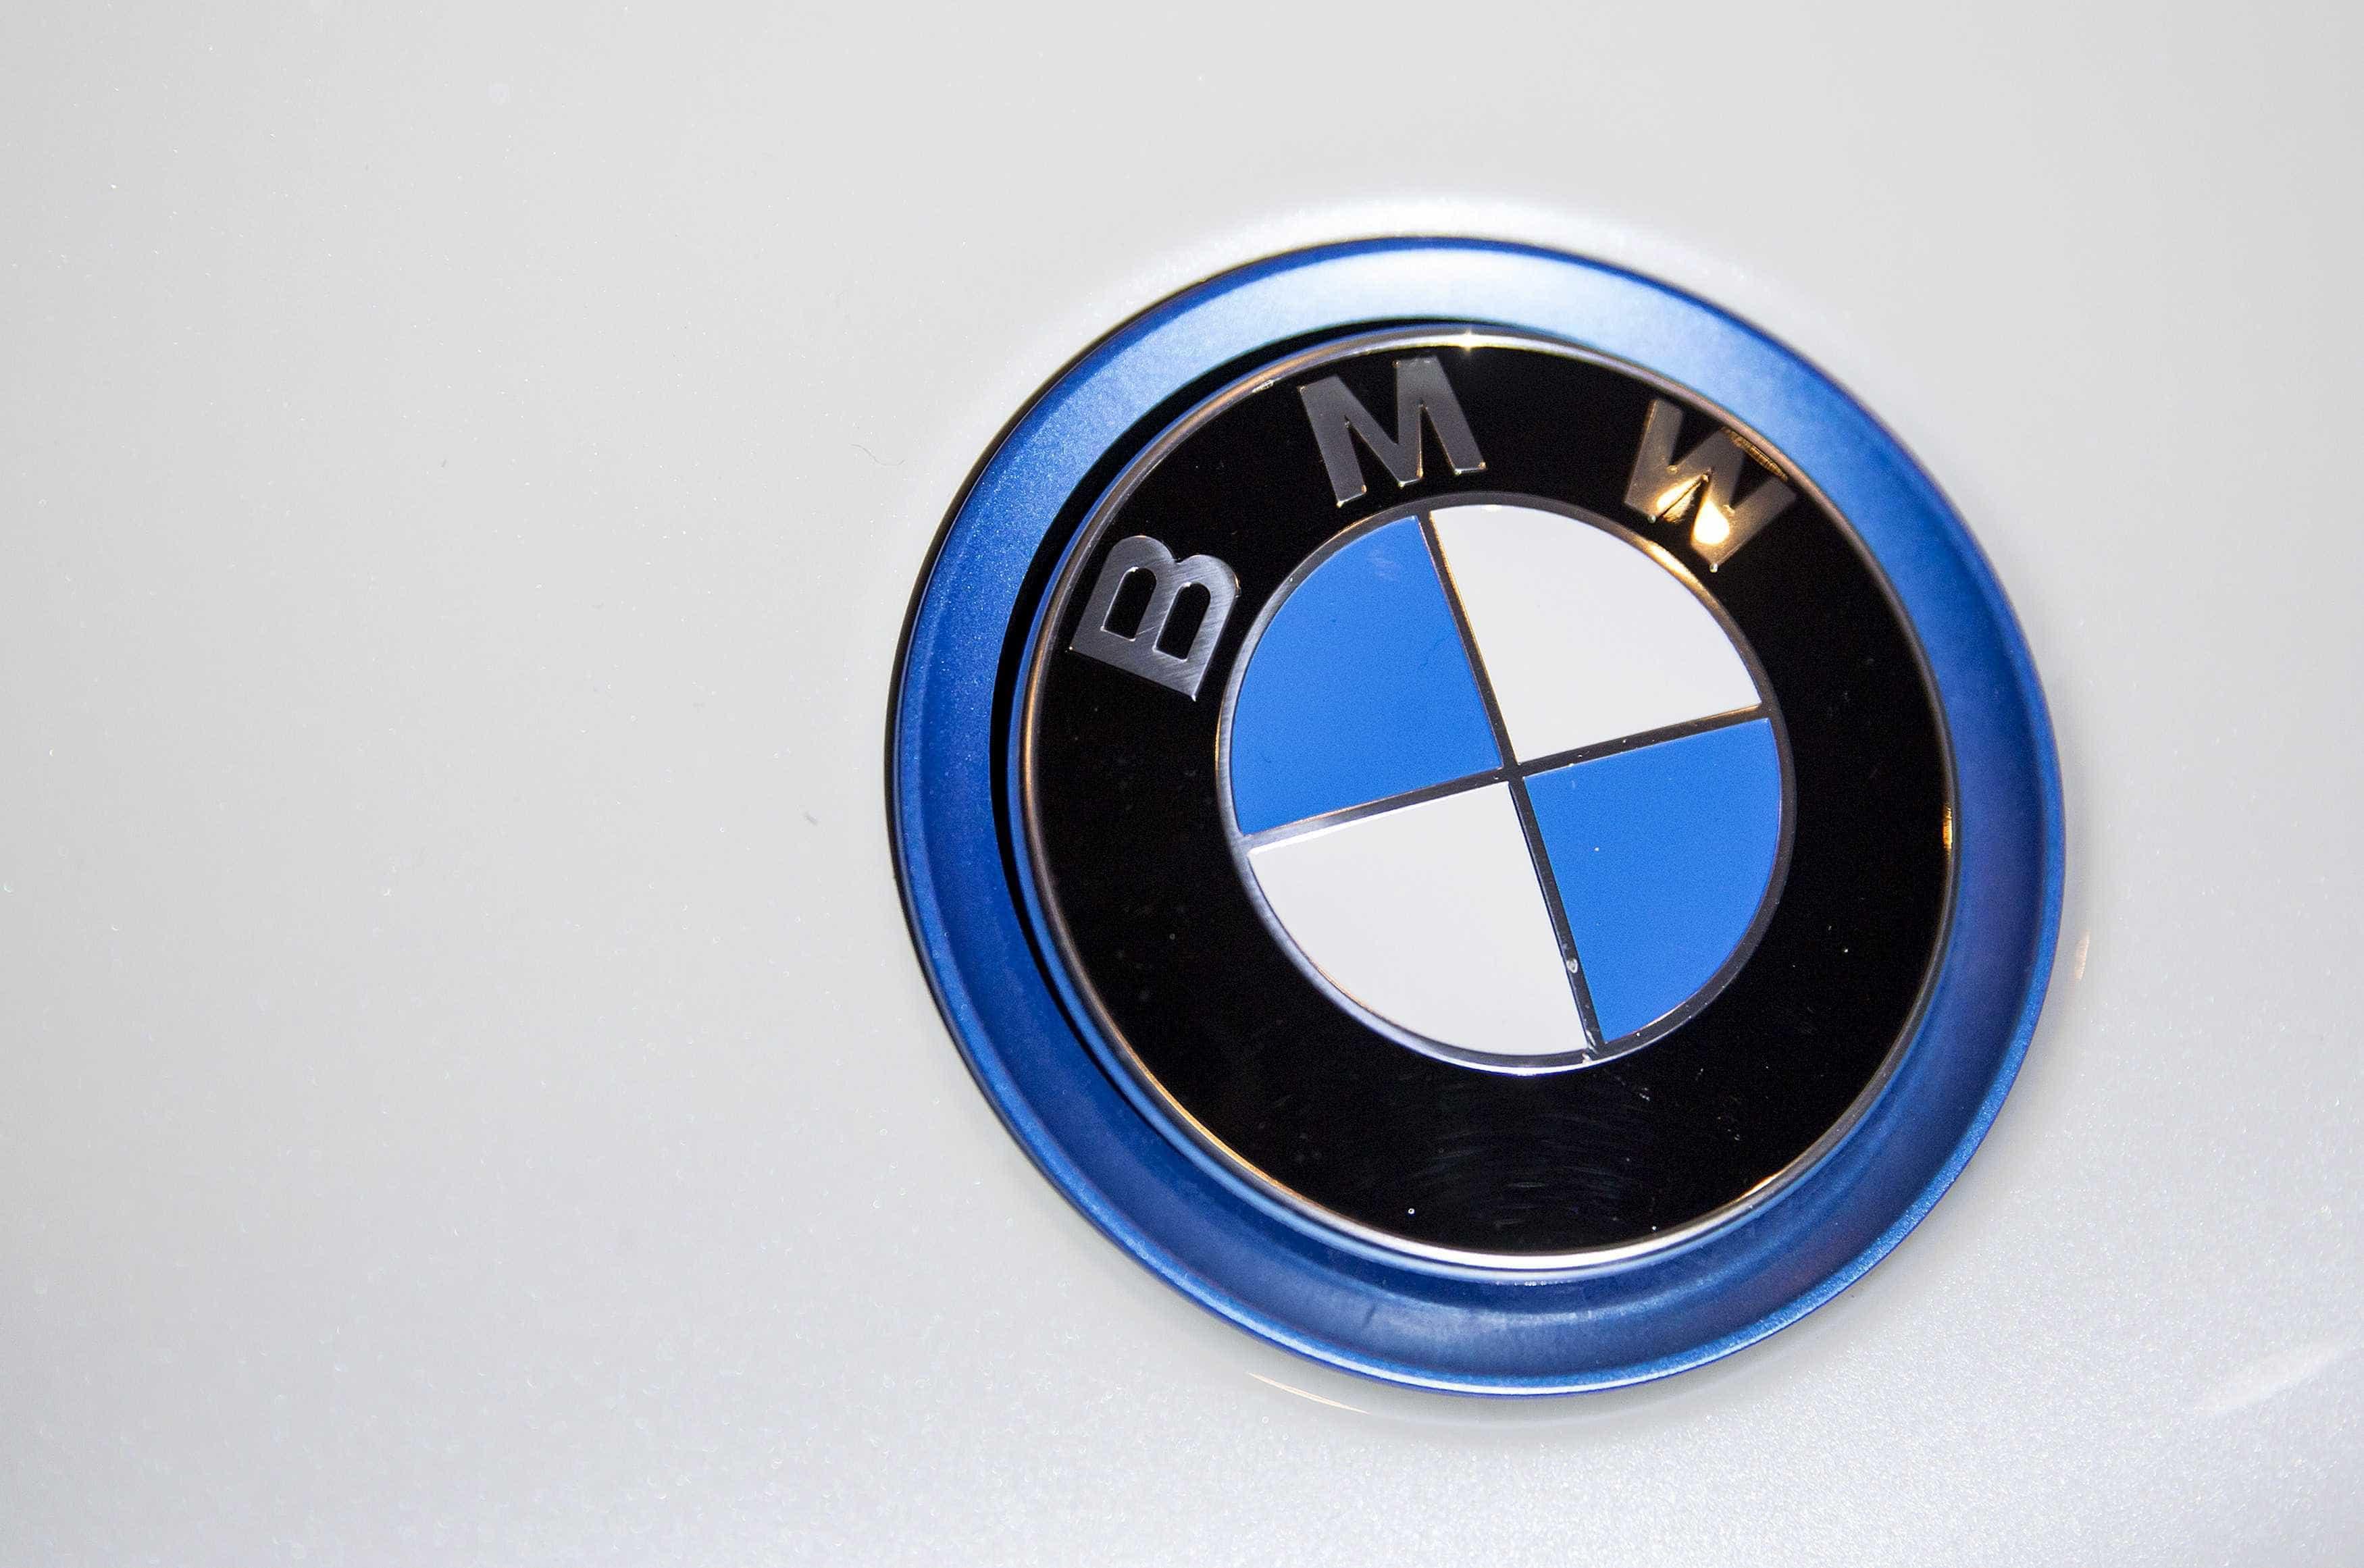 BMW reserva mil milhões de euros para eventual multa da Comissão Europeia